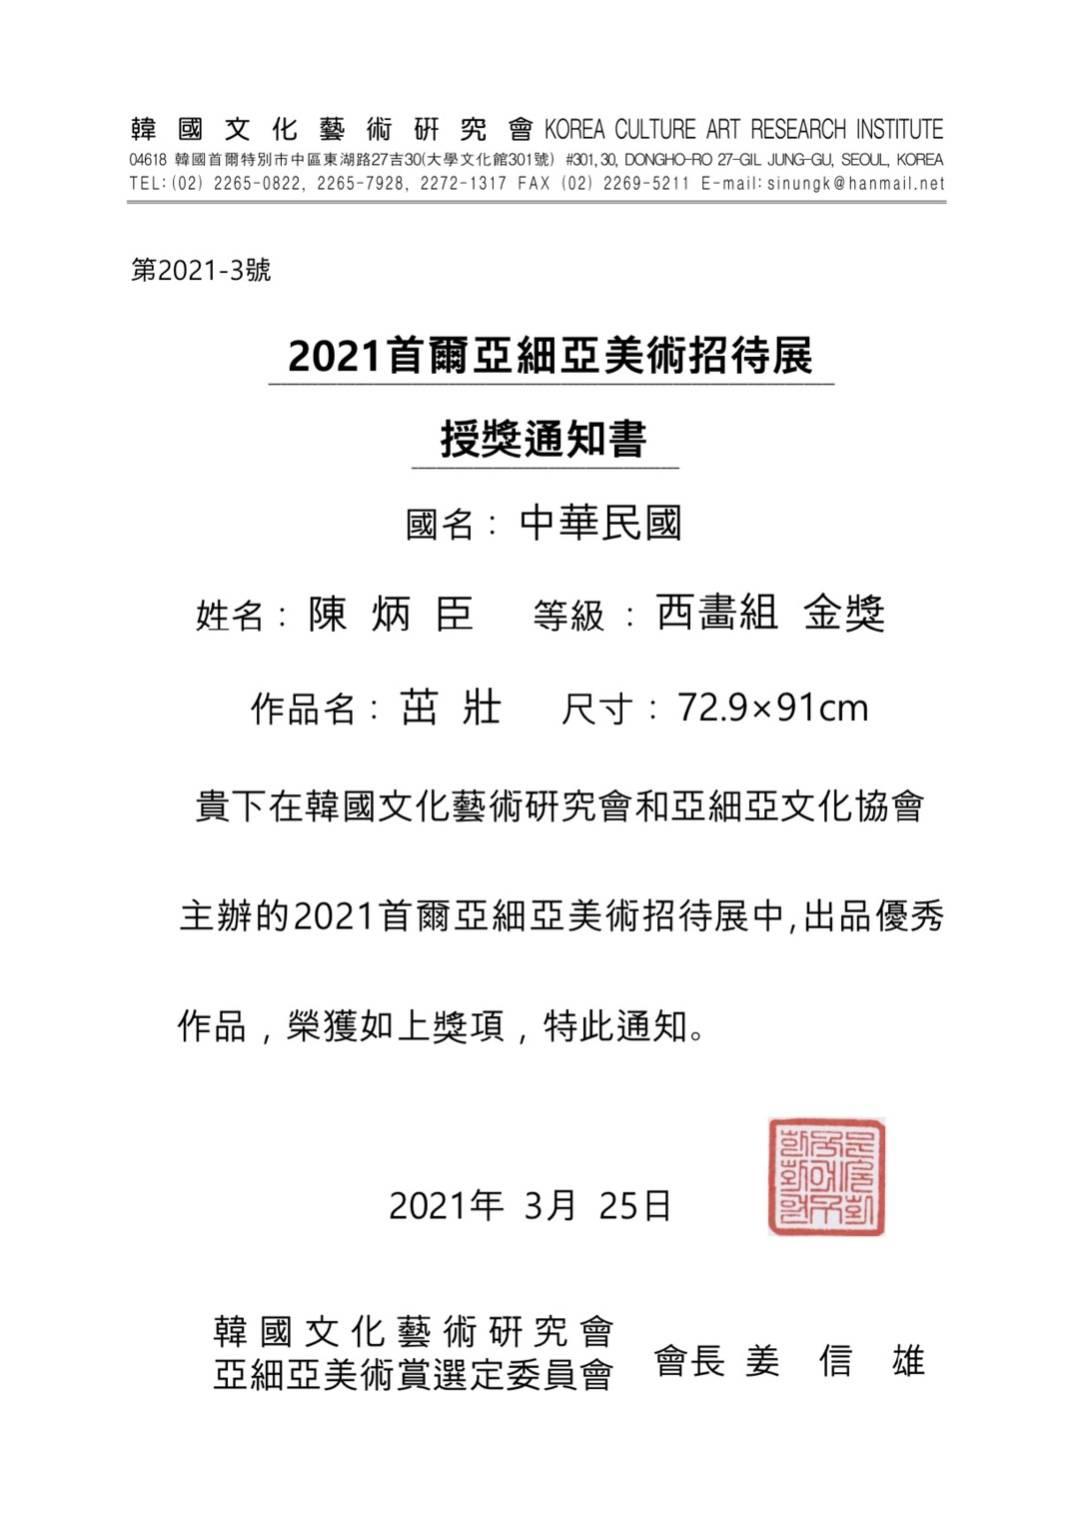 彰化藝術世界發光!藝術家陳炳臣畫作榮獲韓國「2021首爾亞細亞美術招待展」金獎